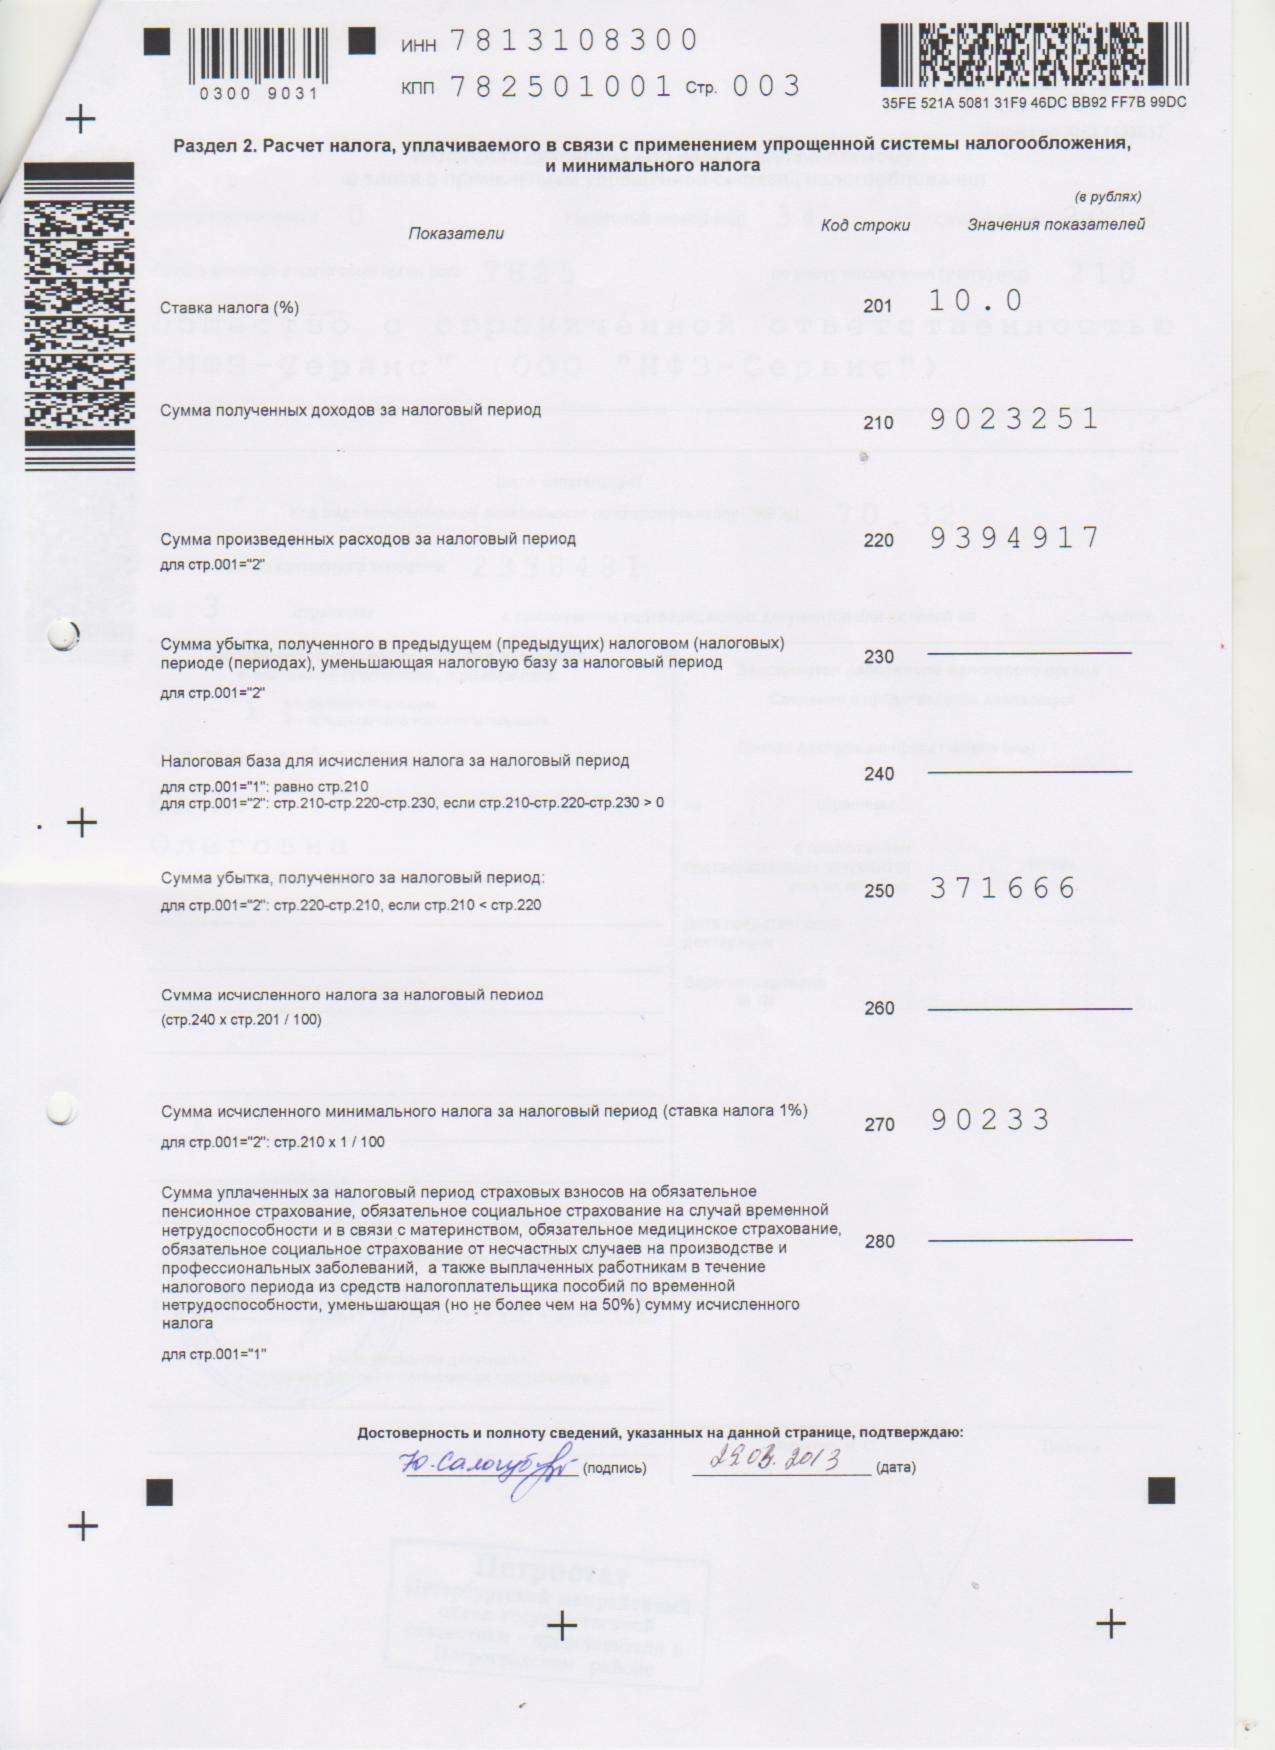 Декларация УСН 2012 стр 3